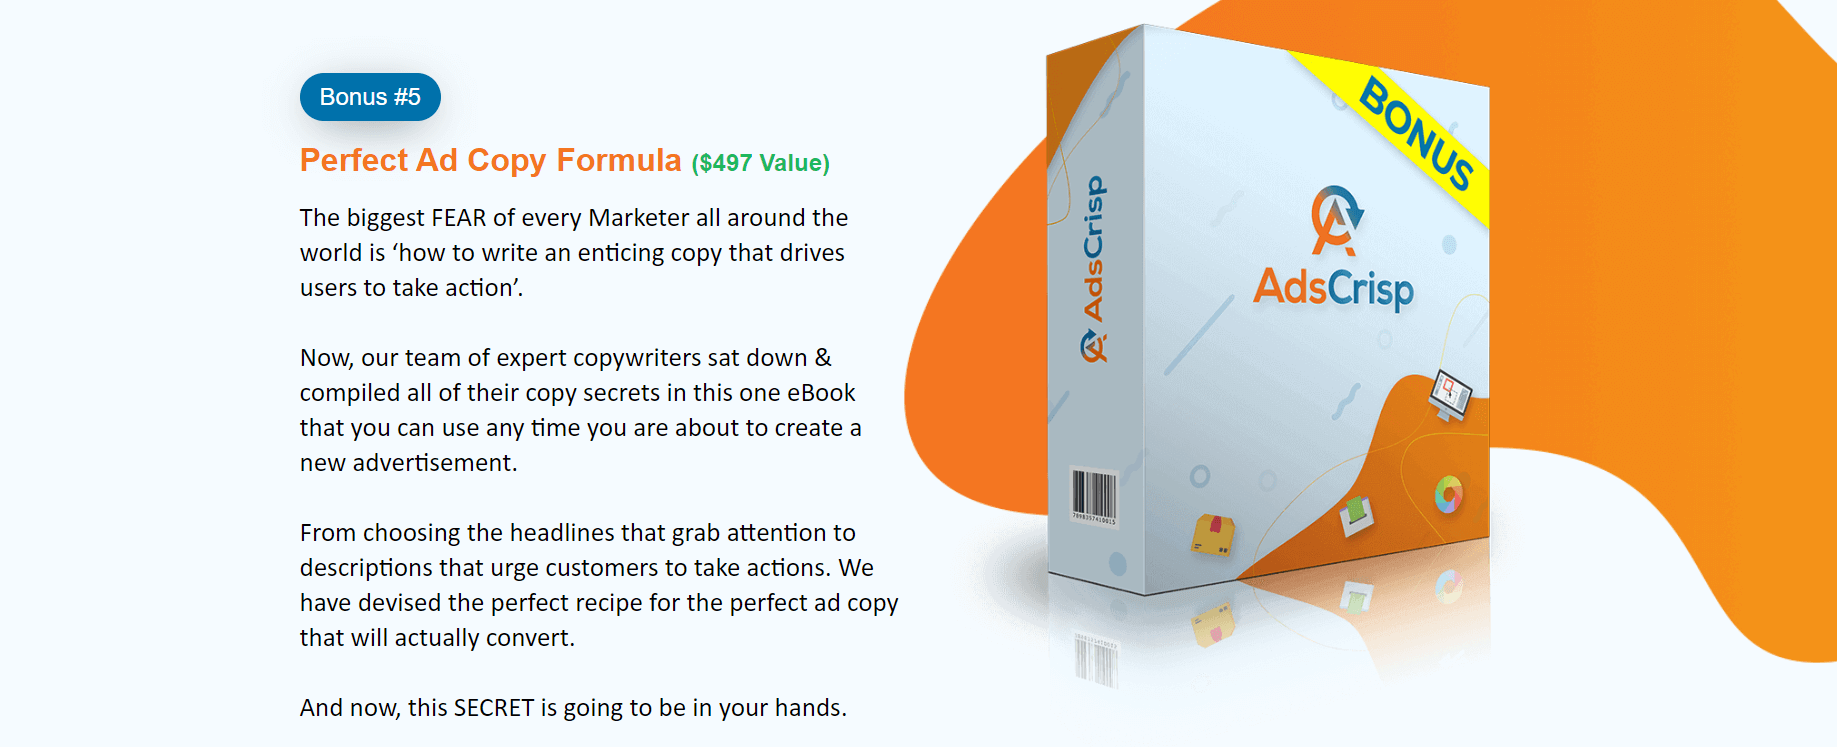 Ascrisp-Review-Bonus-5